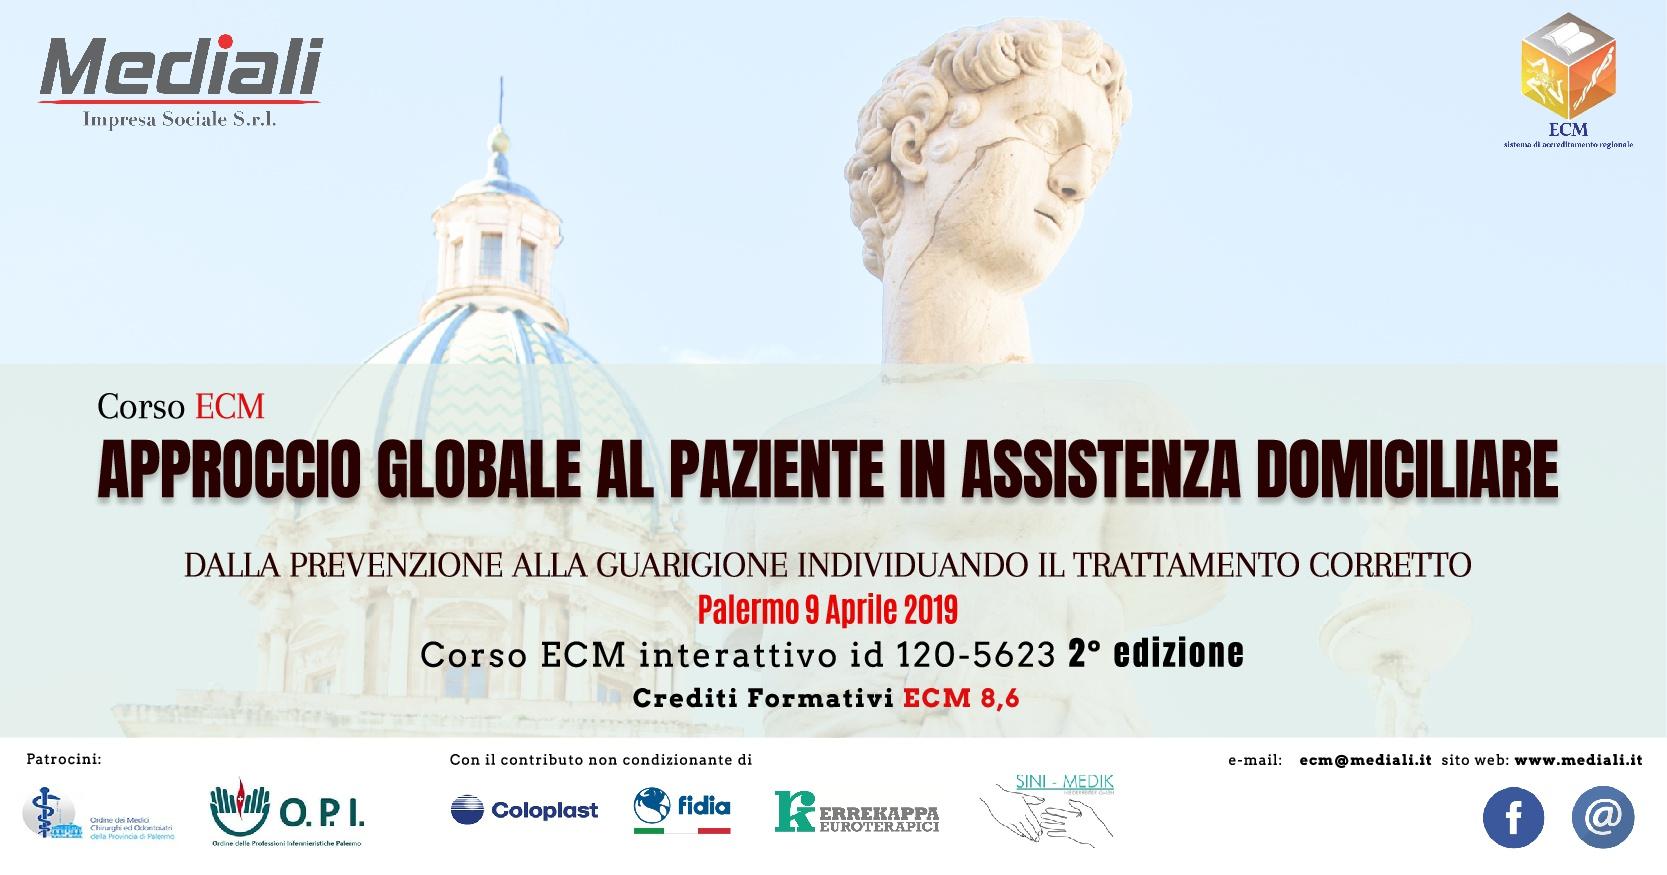 Corso ECM Approccio globale al paziente in assistenza domiciliare 2° Edizione